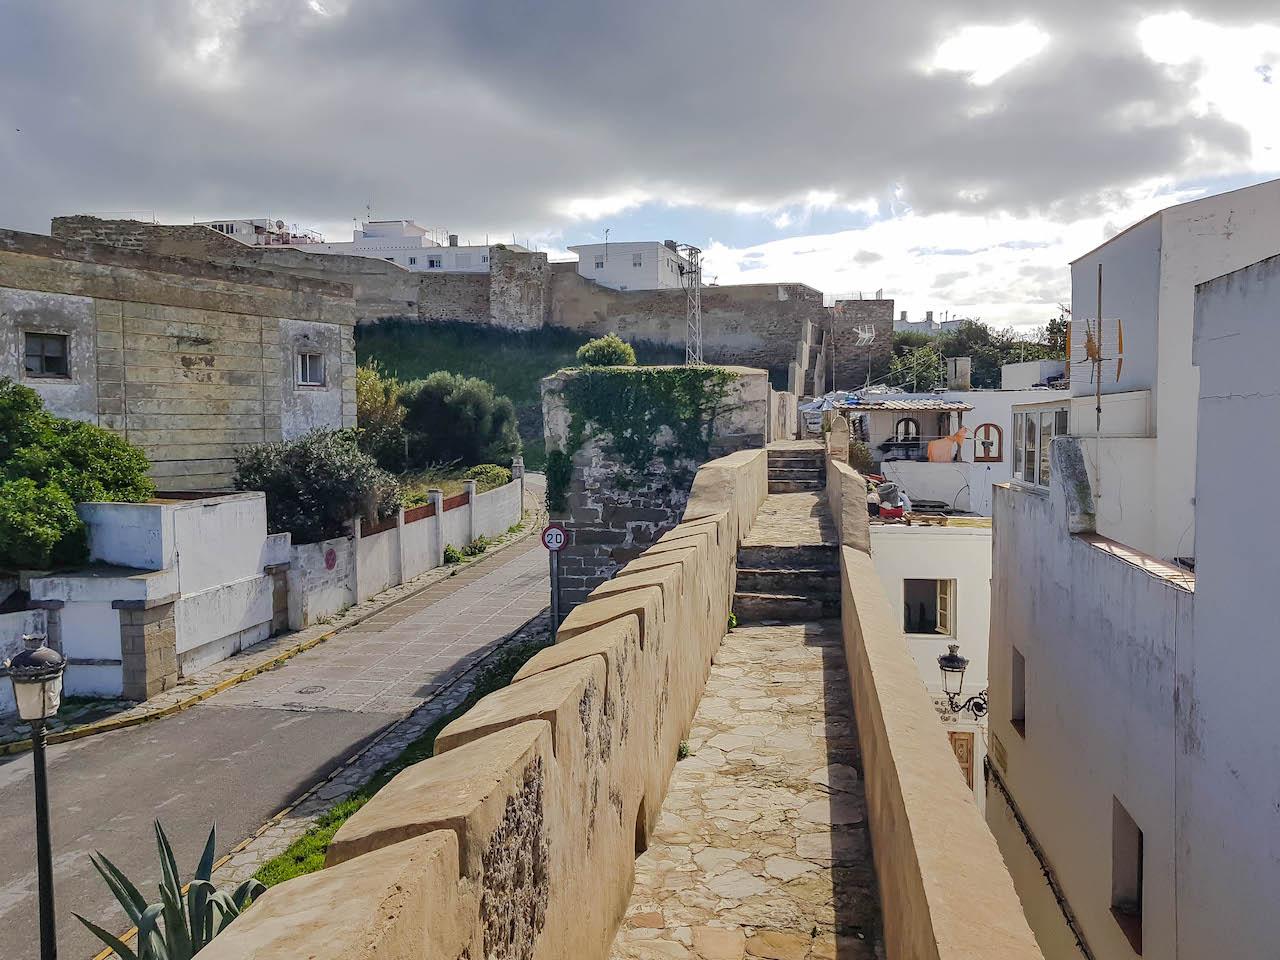 Die Stadtmauer von Tarifa.